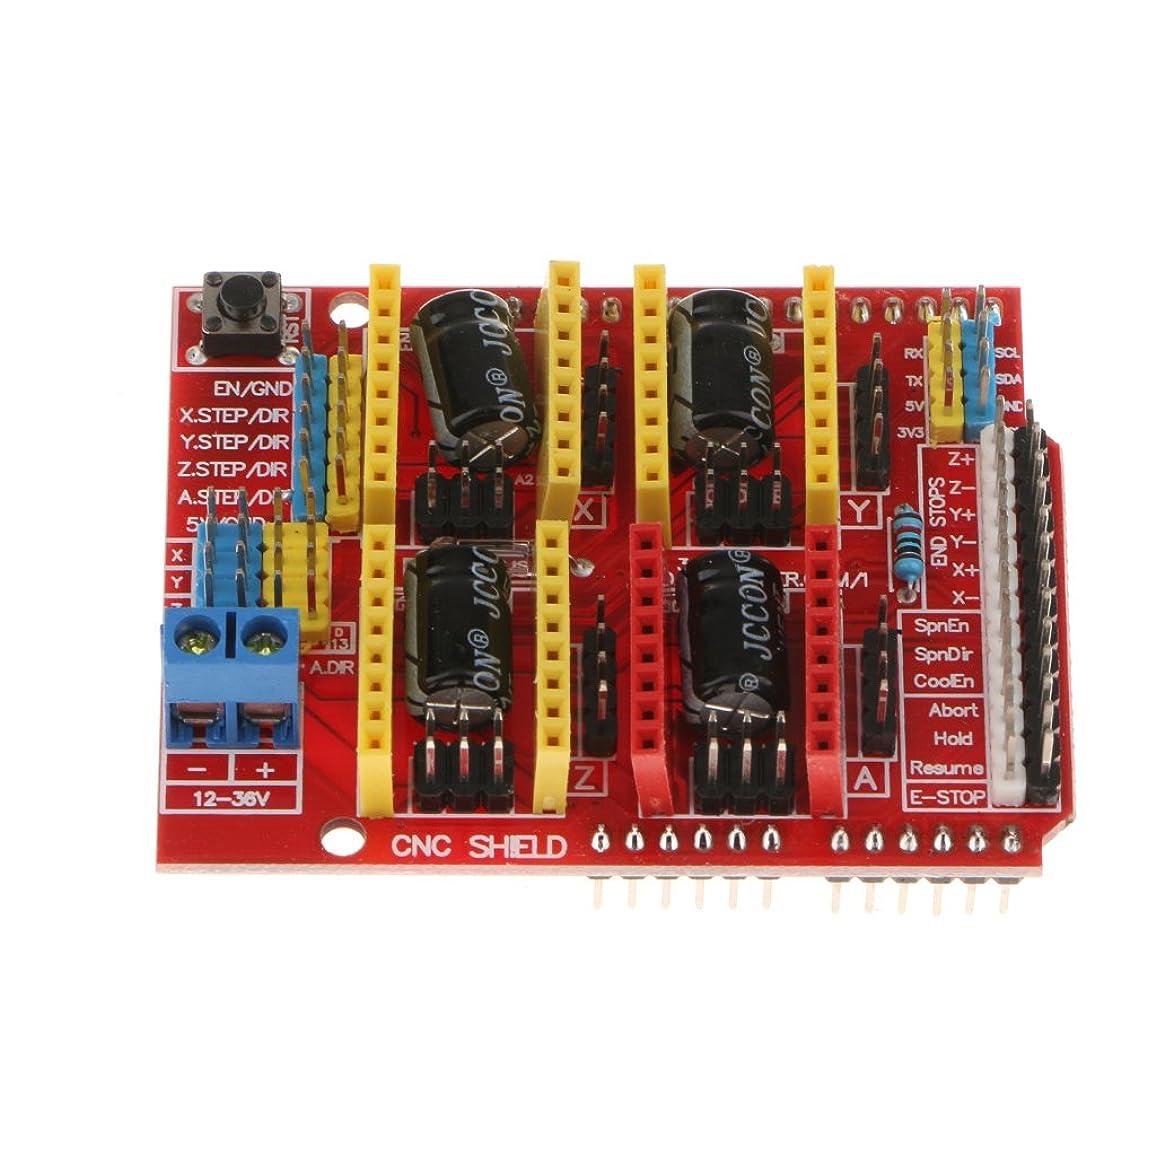 多様体開業医絶滅したgazechimp Arduino 3Dプリンター用 拡張ボード CNCシールド V3.0 A4988 ドライバー ボード 小型 軽量